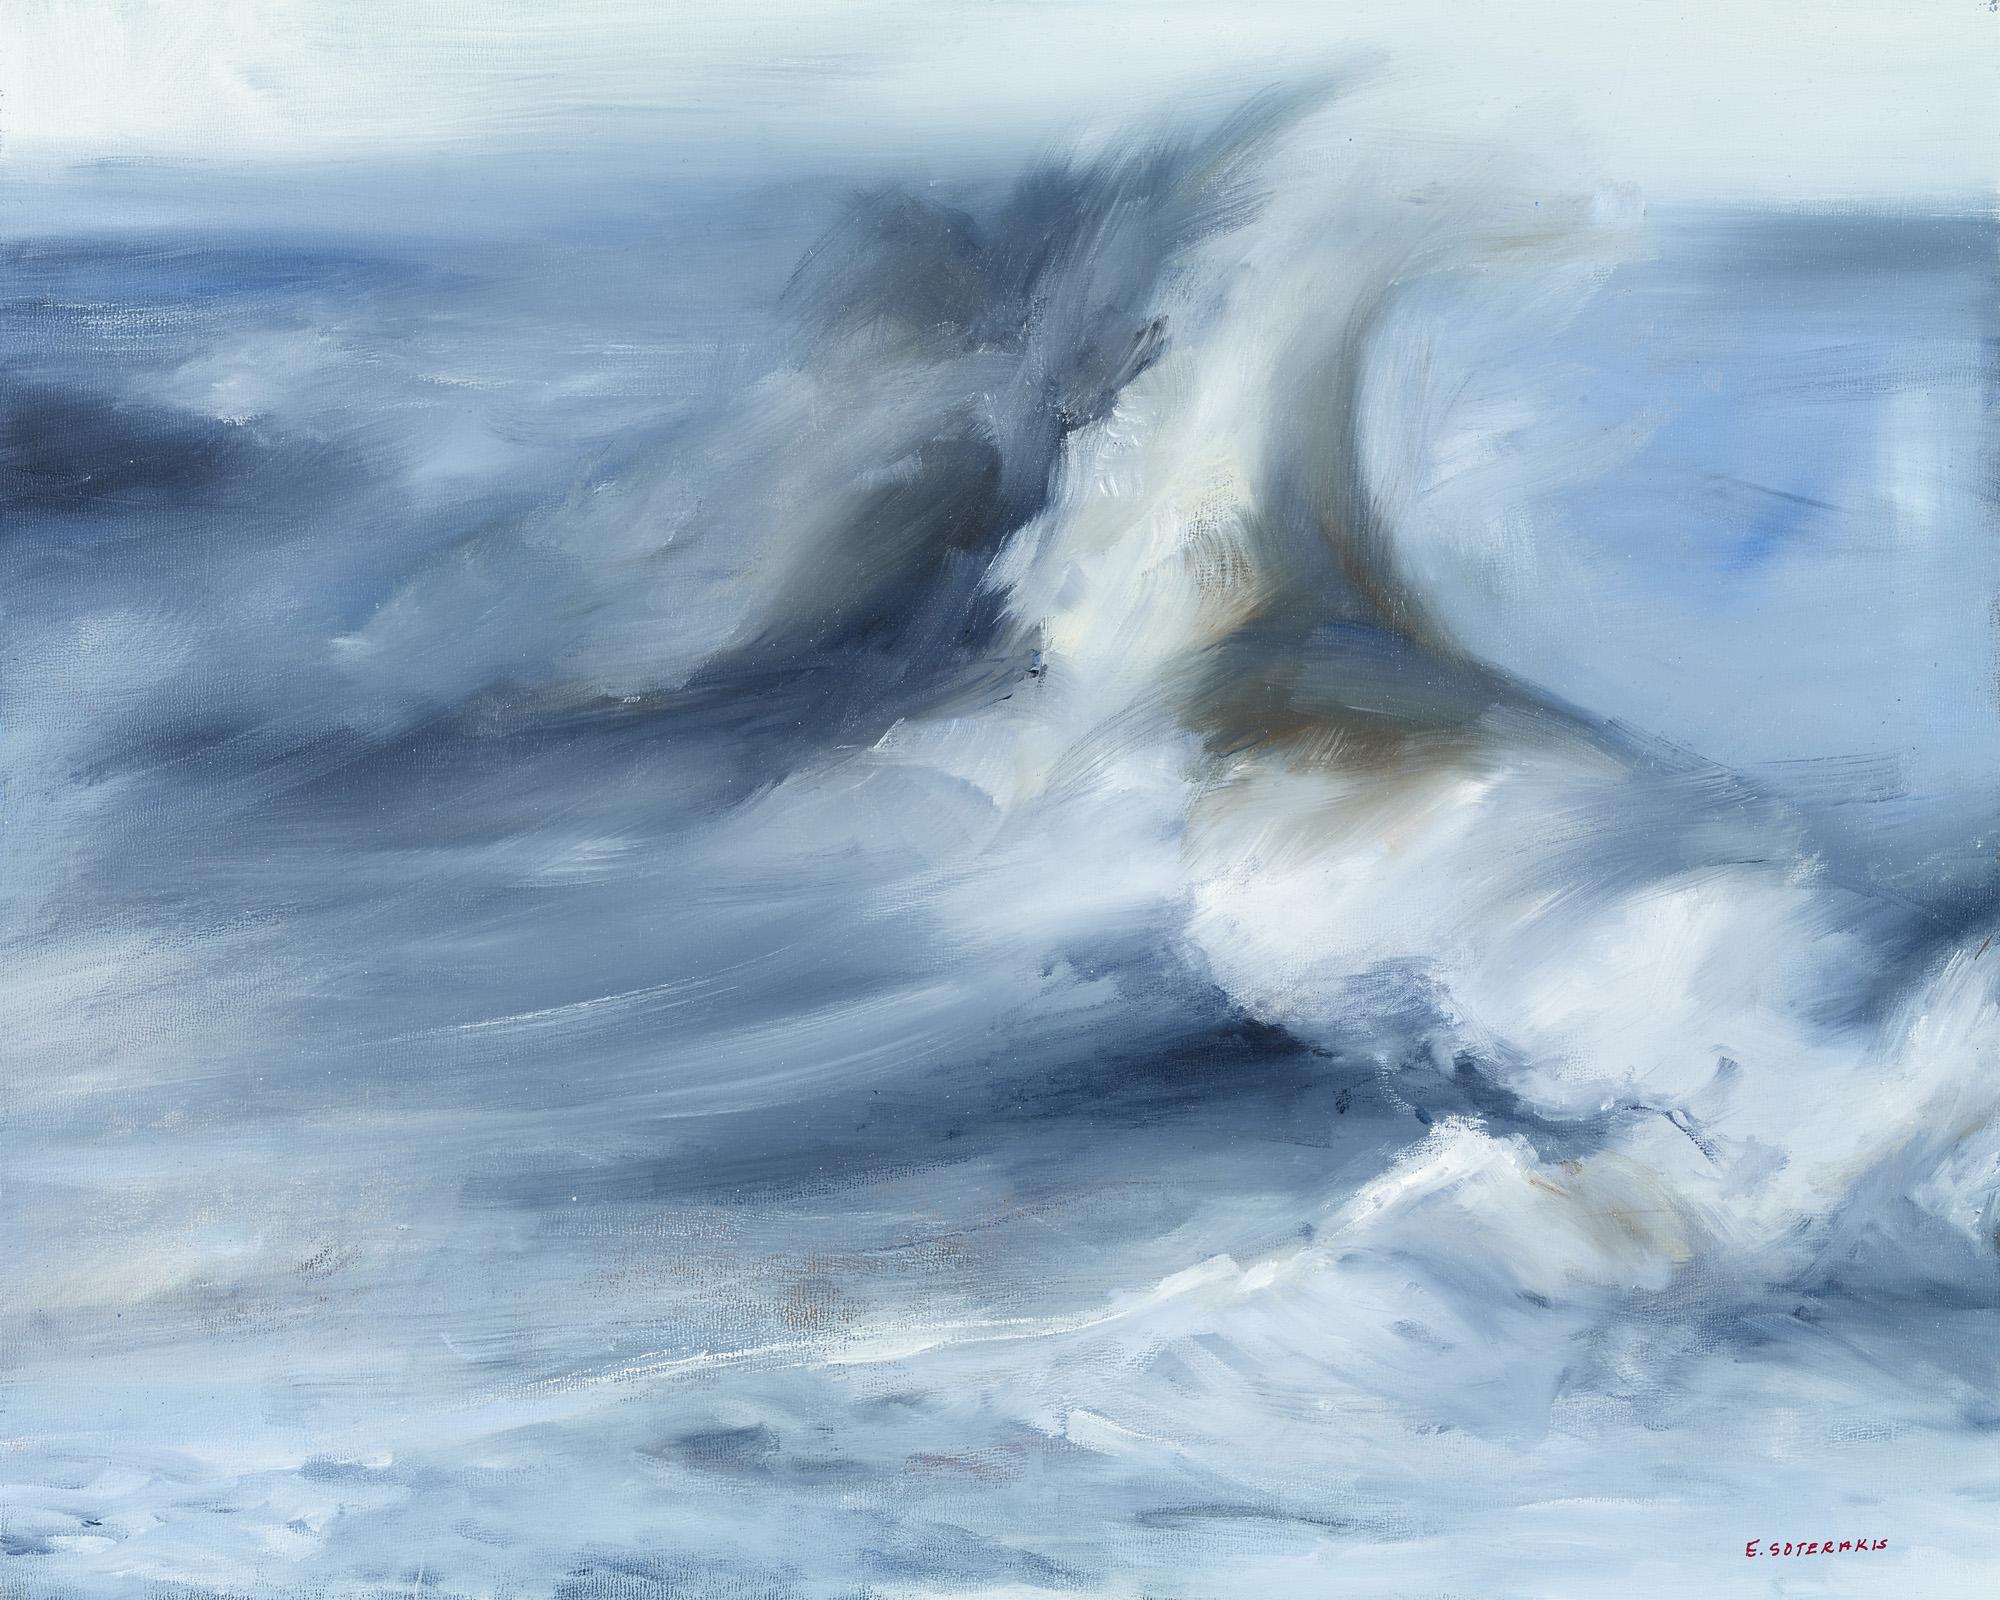 Tumultuous Seas, #2, 2013 oil on panel 16 x 20 in.